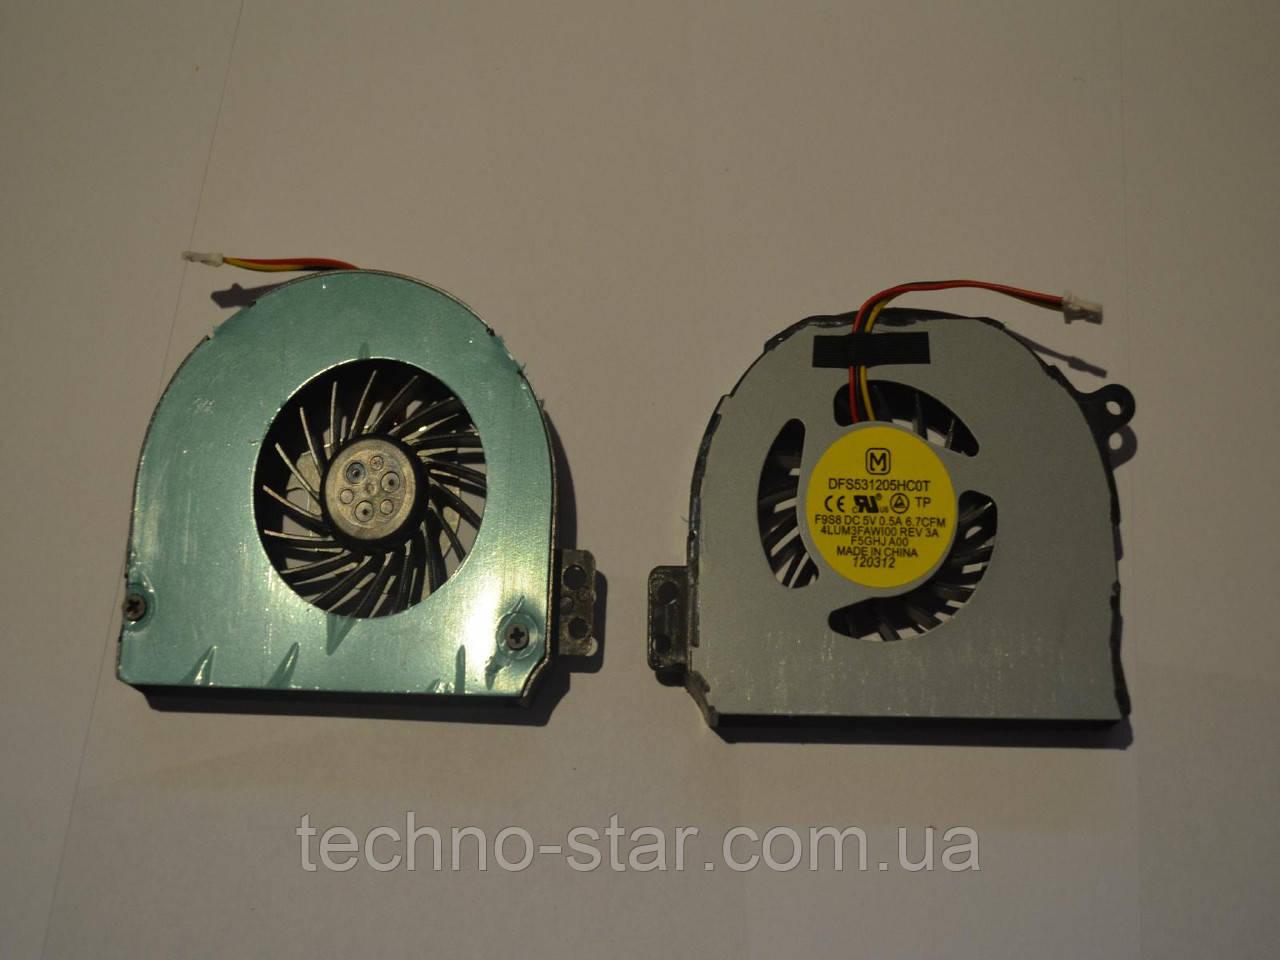 Вентилятор (кулер) FORCECON DFS531205HC0T для Dell Inspiron 14R N4120 N4110 N4010 CPU